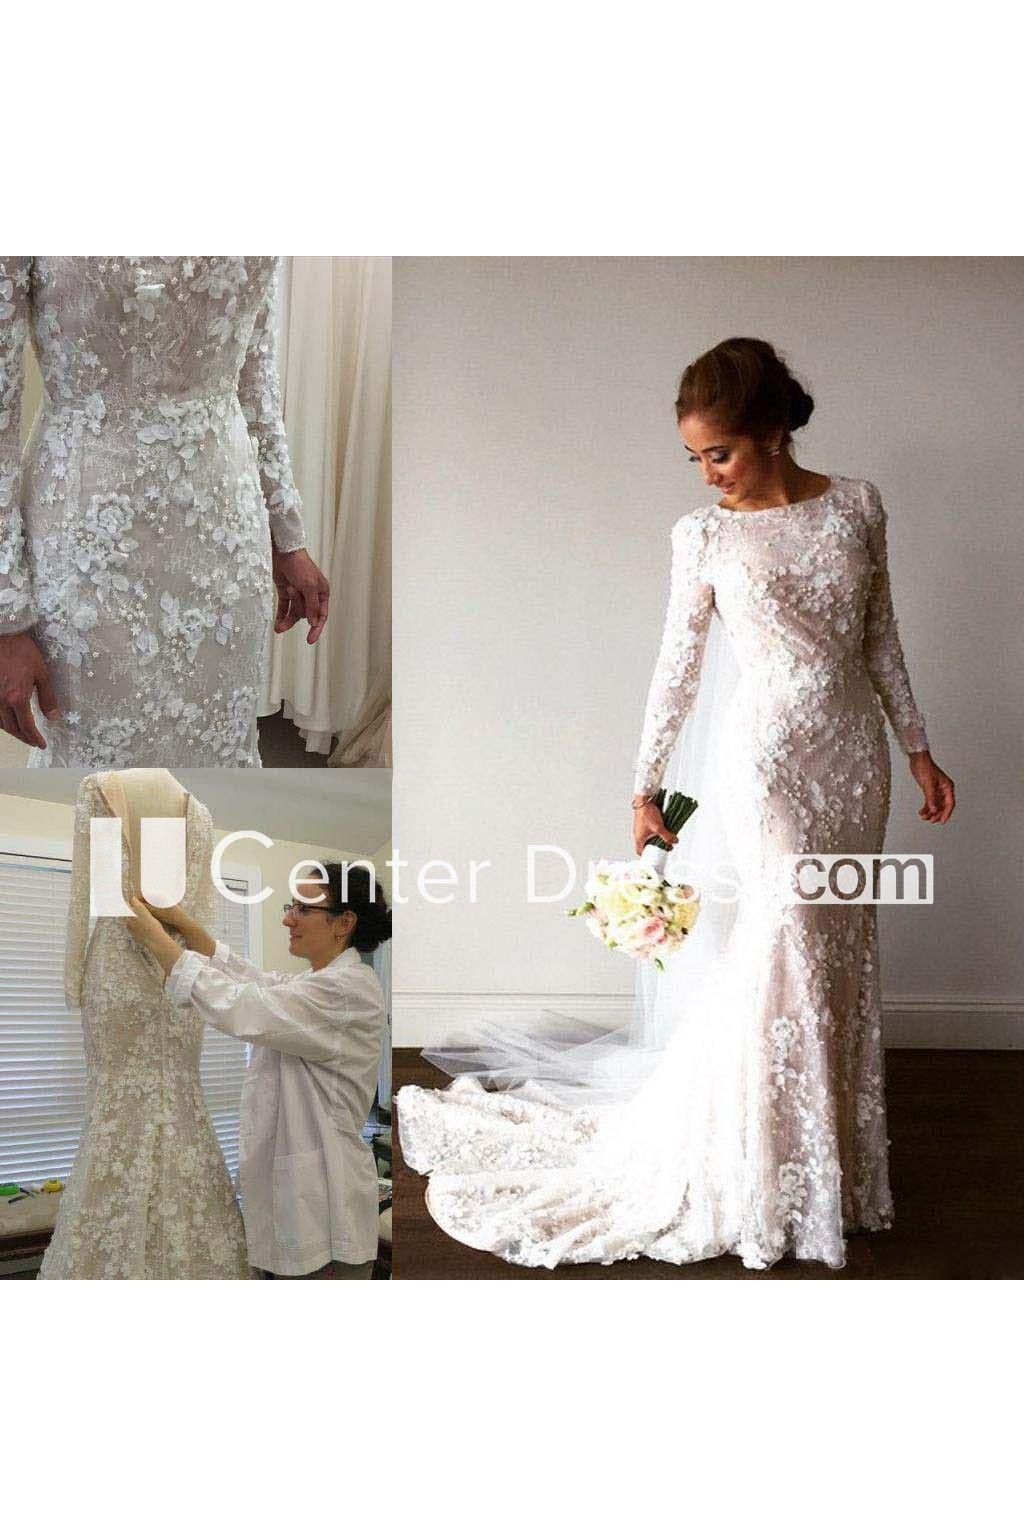 Mermaid Trumpet High Neck Lace Zipper Wedding Dress Ucenter Dress Long Sleeve Wedding Dress Lace Wedding Dresses Lace Long Sleeve Bridal Gown [ 1536 x 1024 Pixel ]